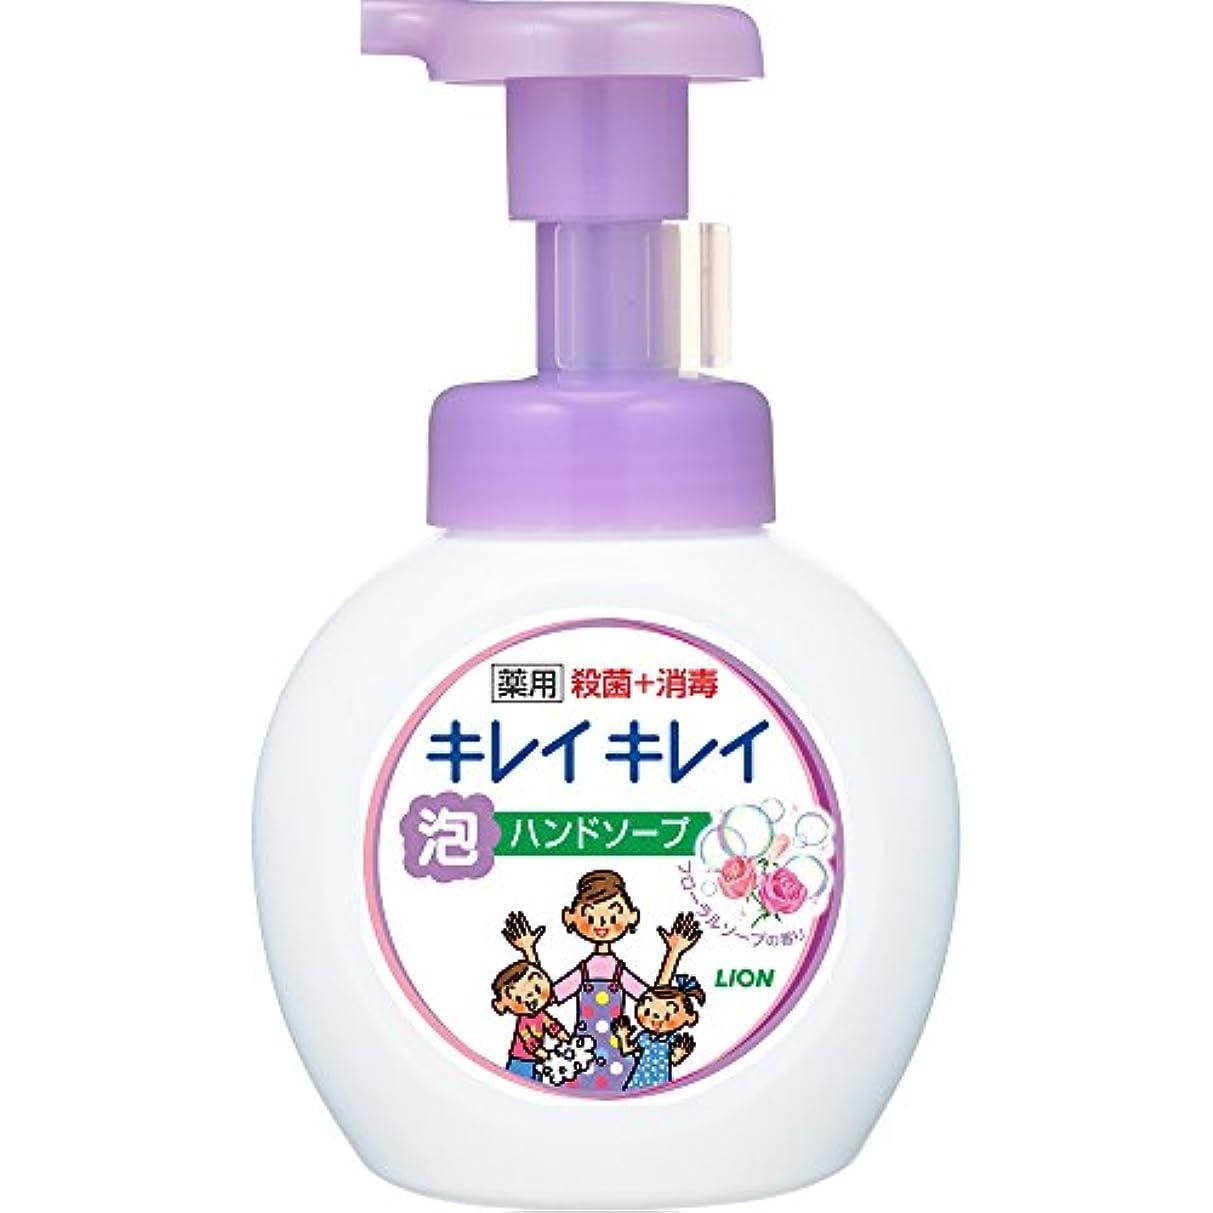 ブラシスパン販売員キレイキレイ 薬用 泡ハンドソープ フローラルソープの香り 本体ポンプ 250ml(医薬部外品)